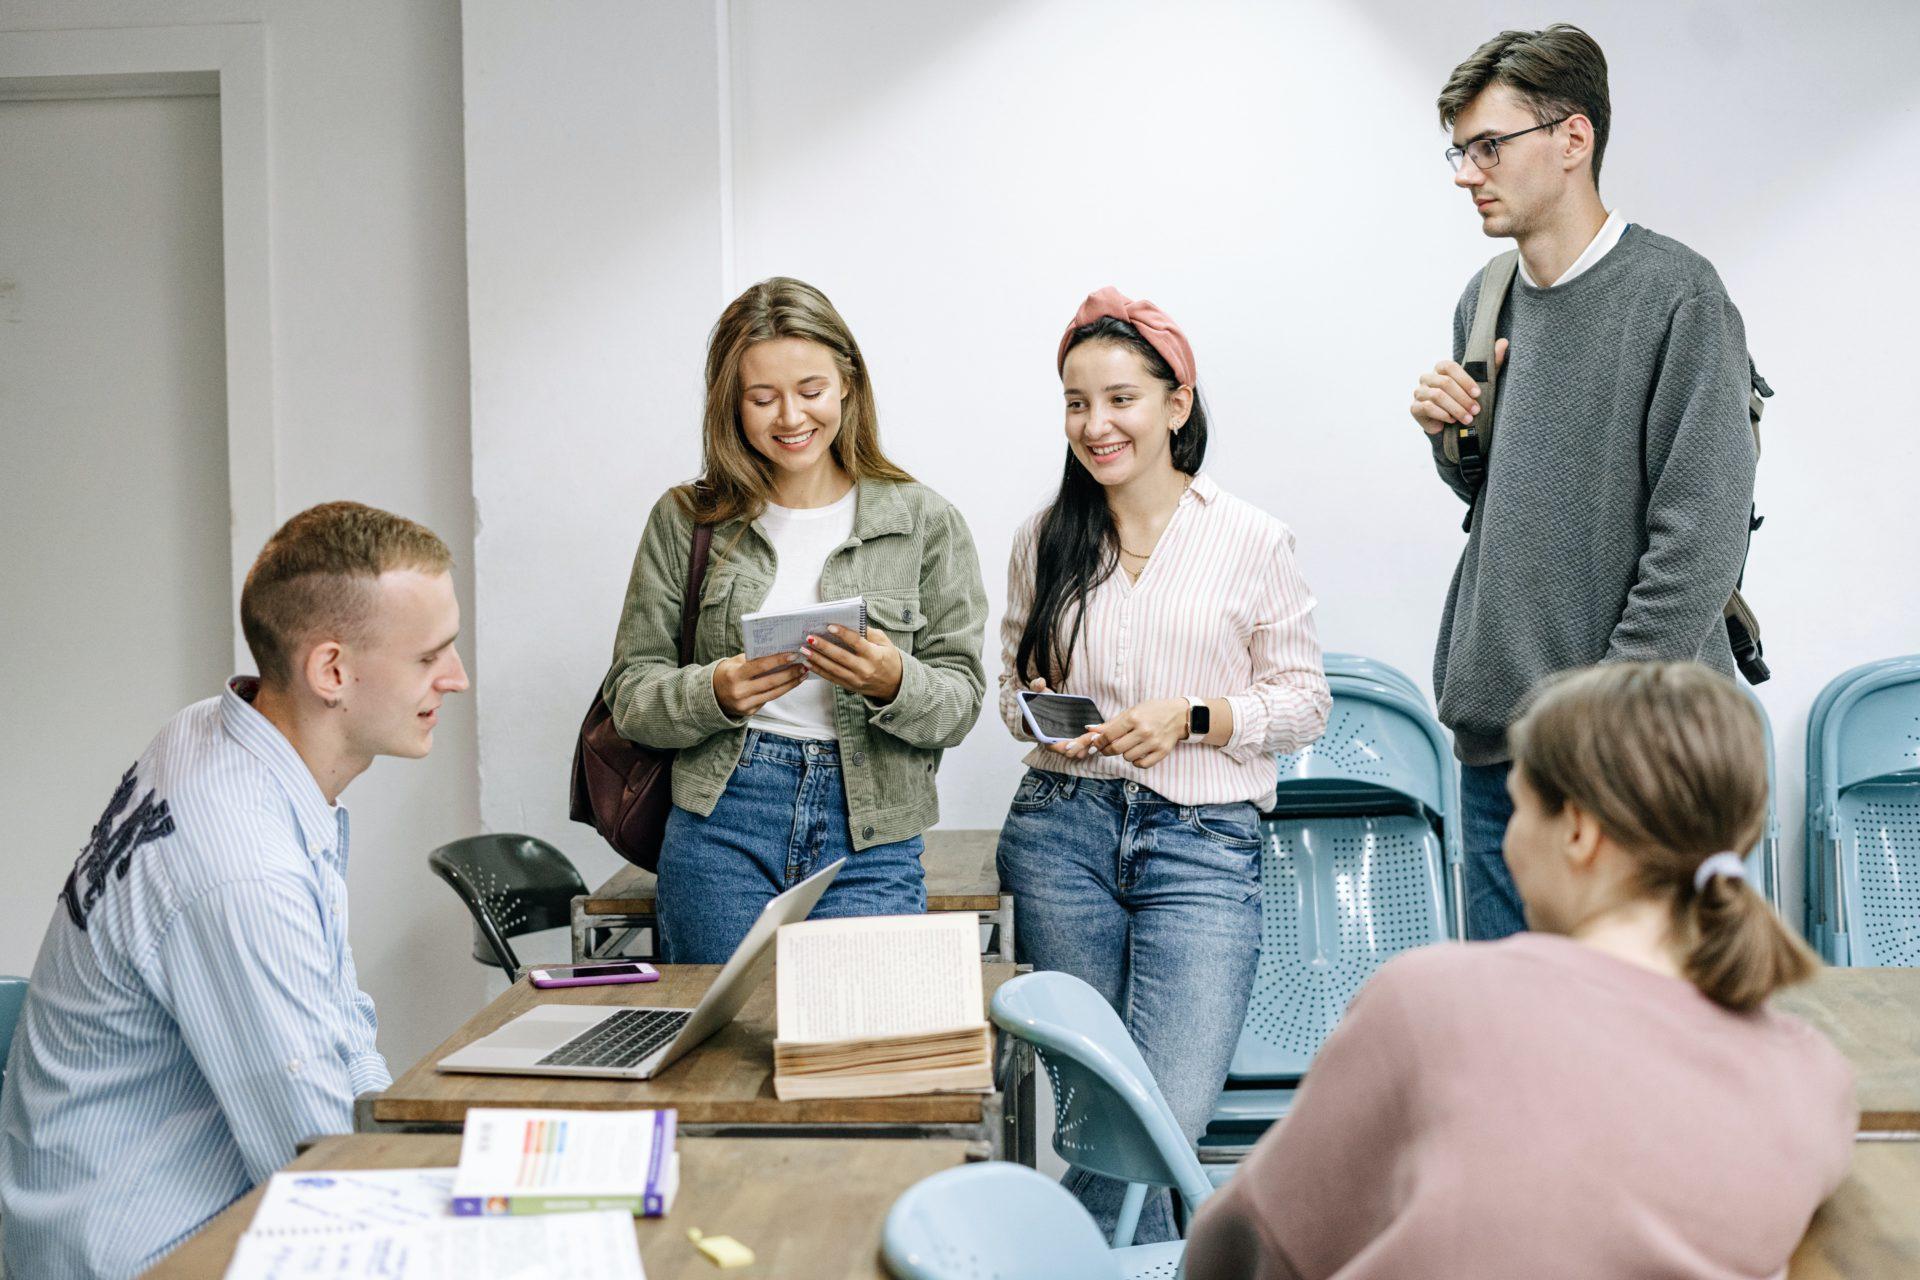 Educación Superior: la matriculación de estudiantes mejoró de 19 a 38% en los últimos 20 años, según UNESCO-IESALC